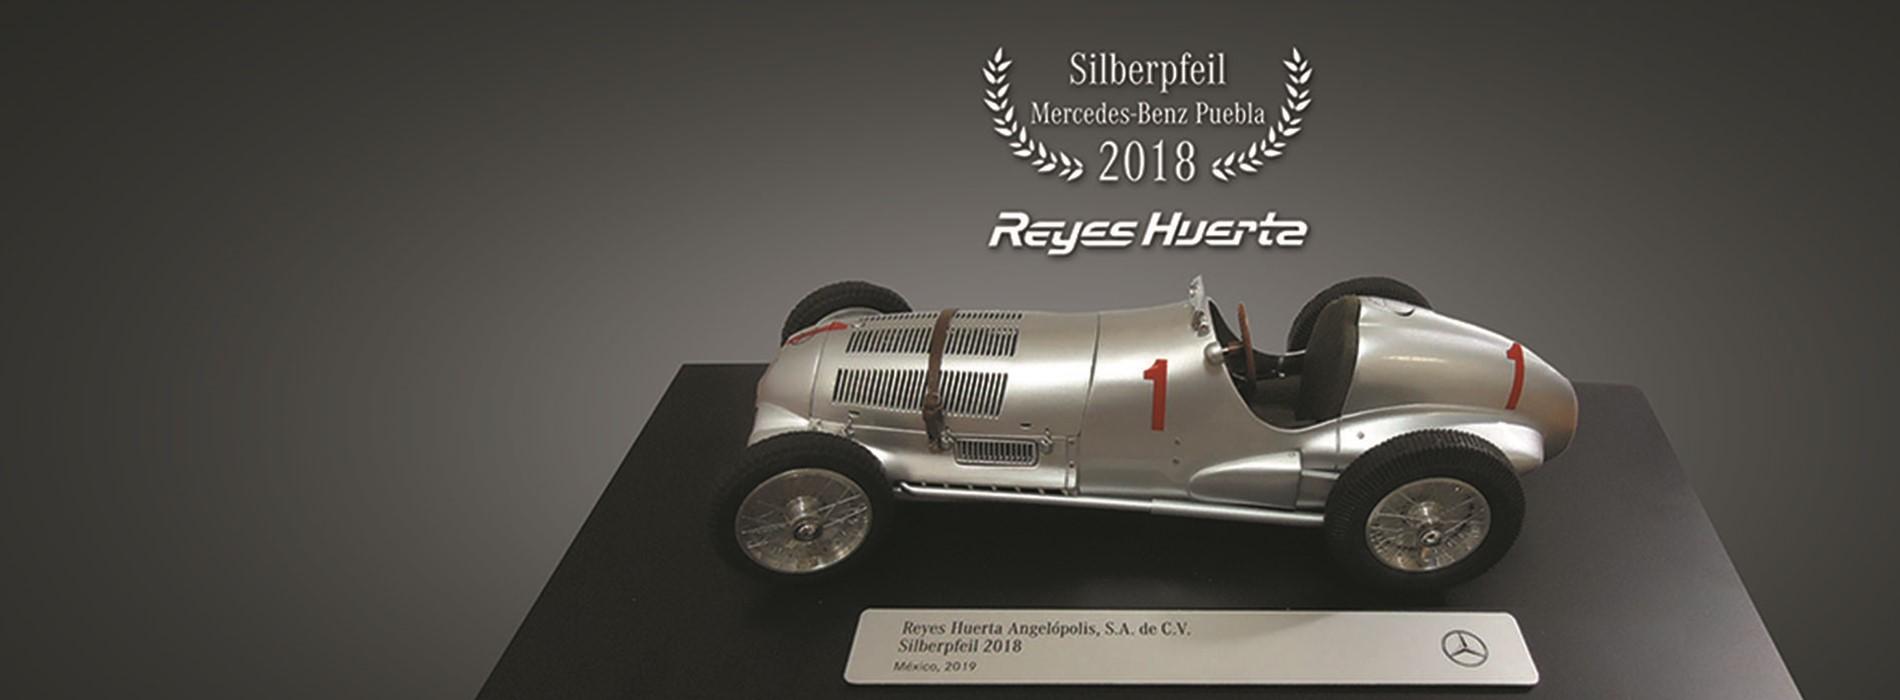 Premio Silberpfeil